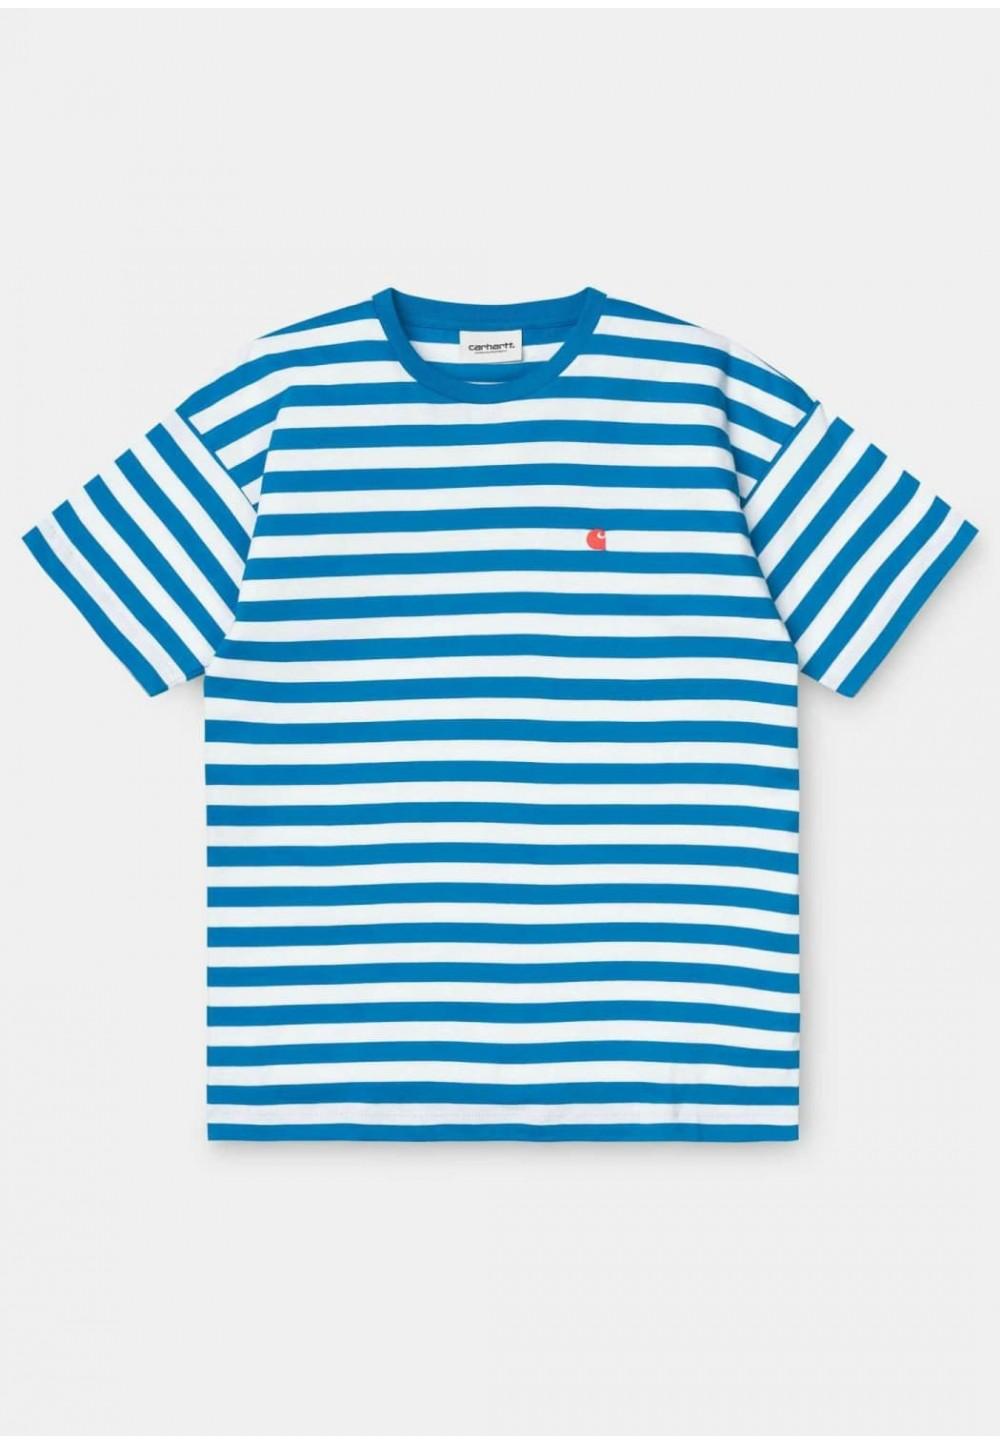 Женская футболка в голубую полоску